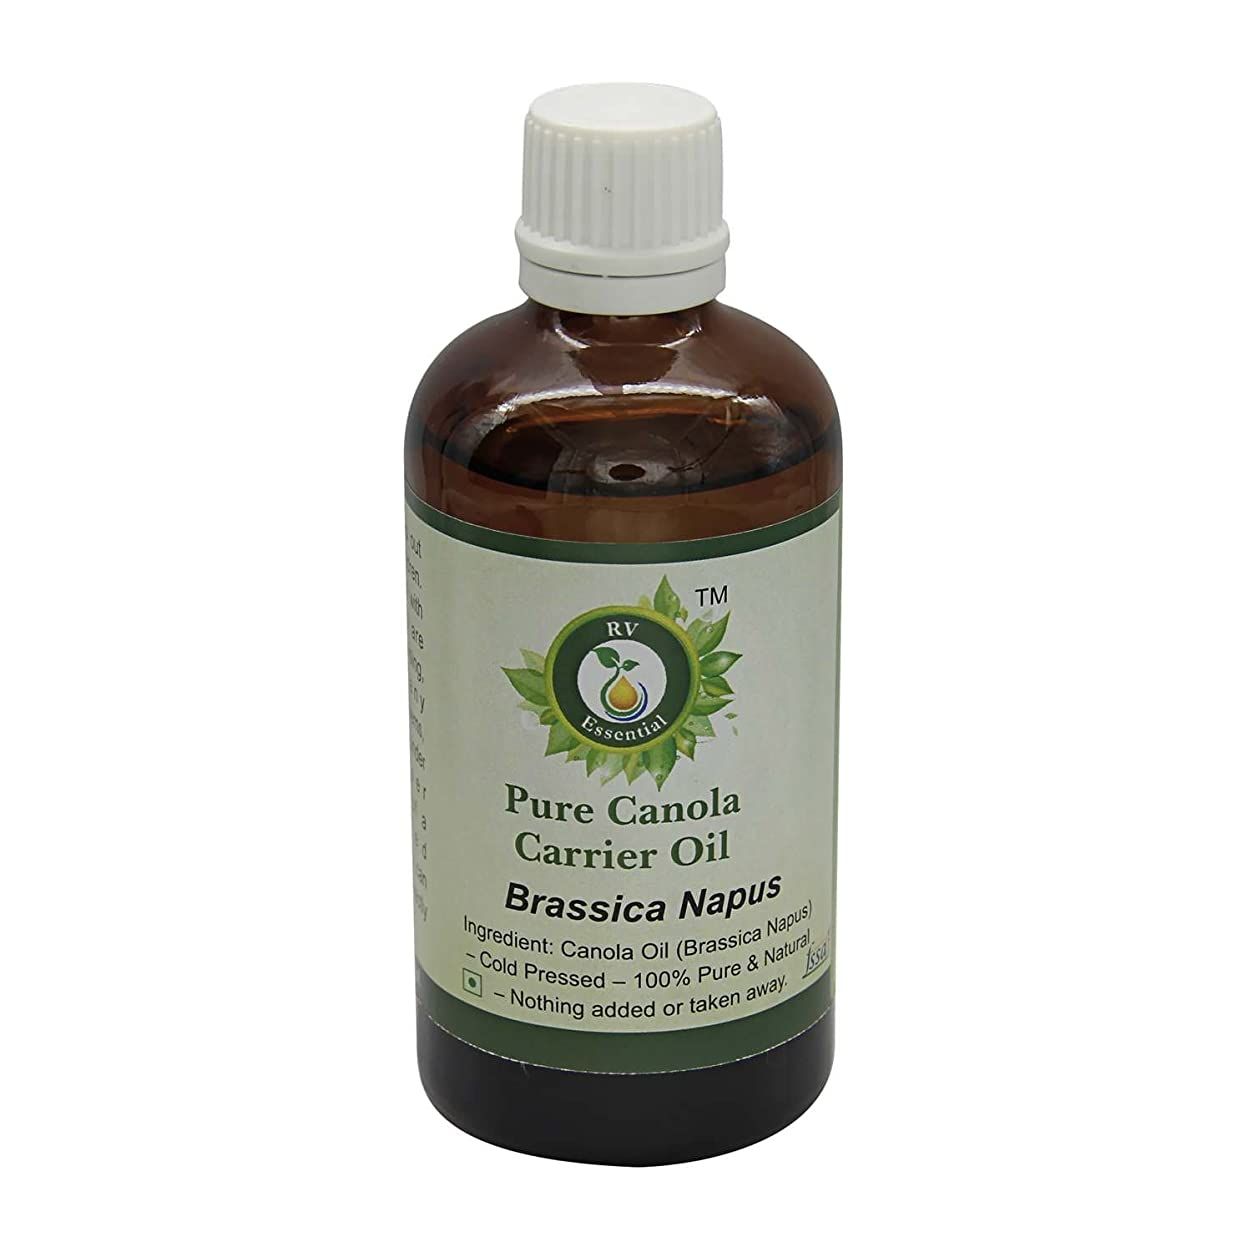 愛国的な若者衝突コースR V Essential 純粋なキャノーラキャリアオイル10ml (0.338oz)- Brassica Napus (100%ピュア&ナチュラルコールドPressed) Pure Canola Carrier Oil